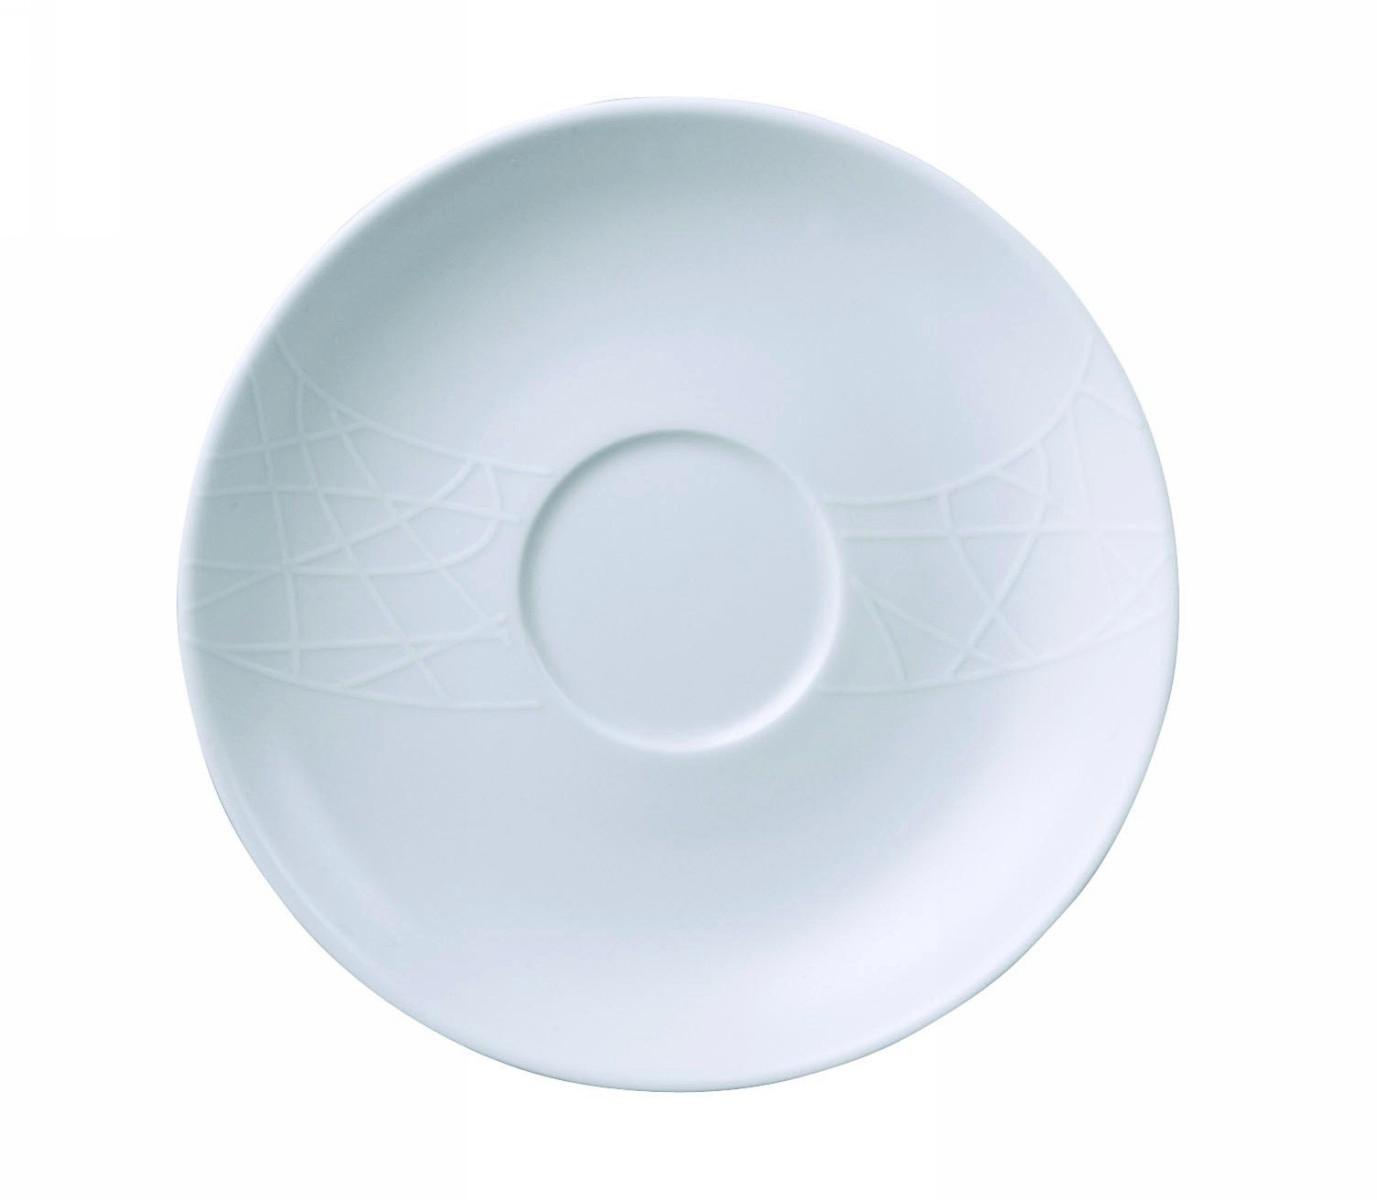 Чайное блюдце Churchill  17 см Белое на белом от Джейми Оливер